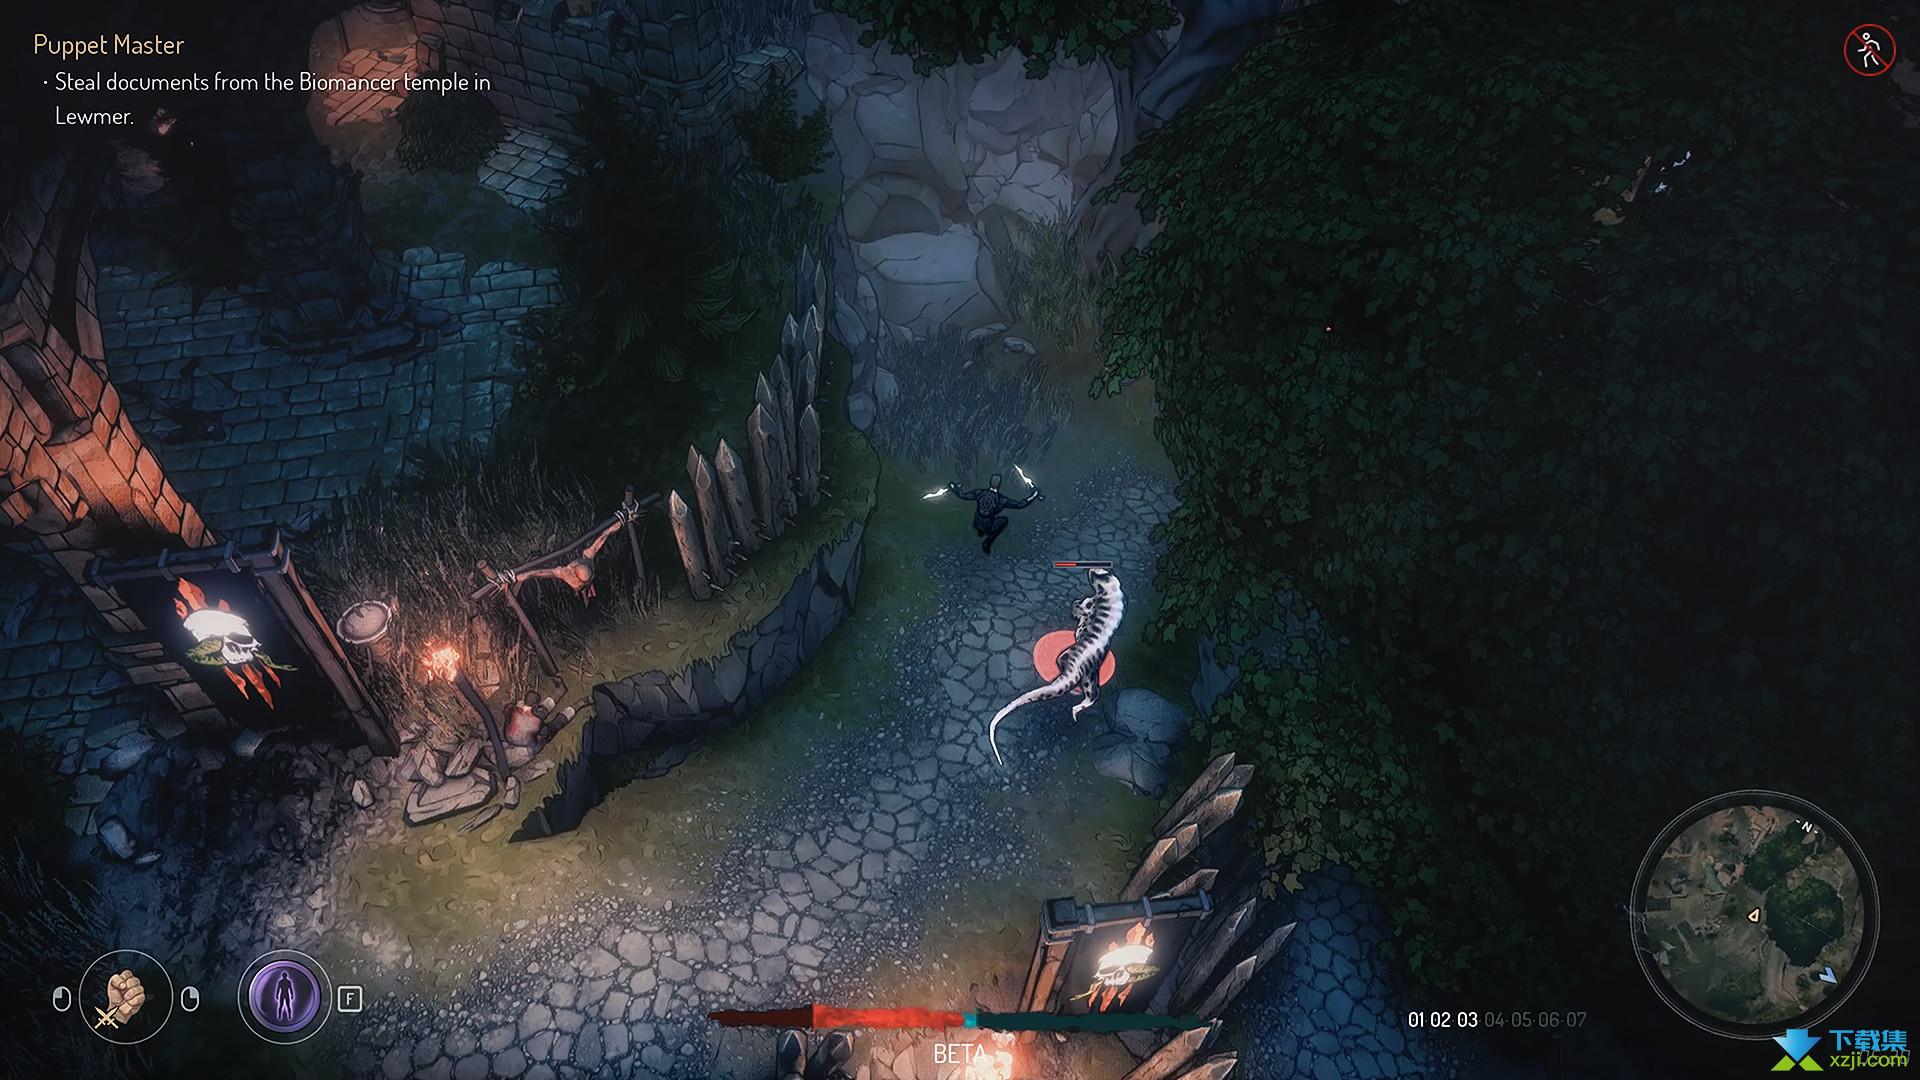 七增强版游戏界面1